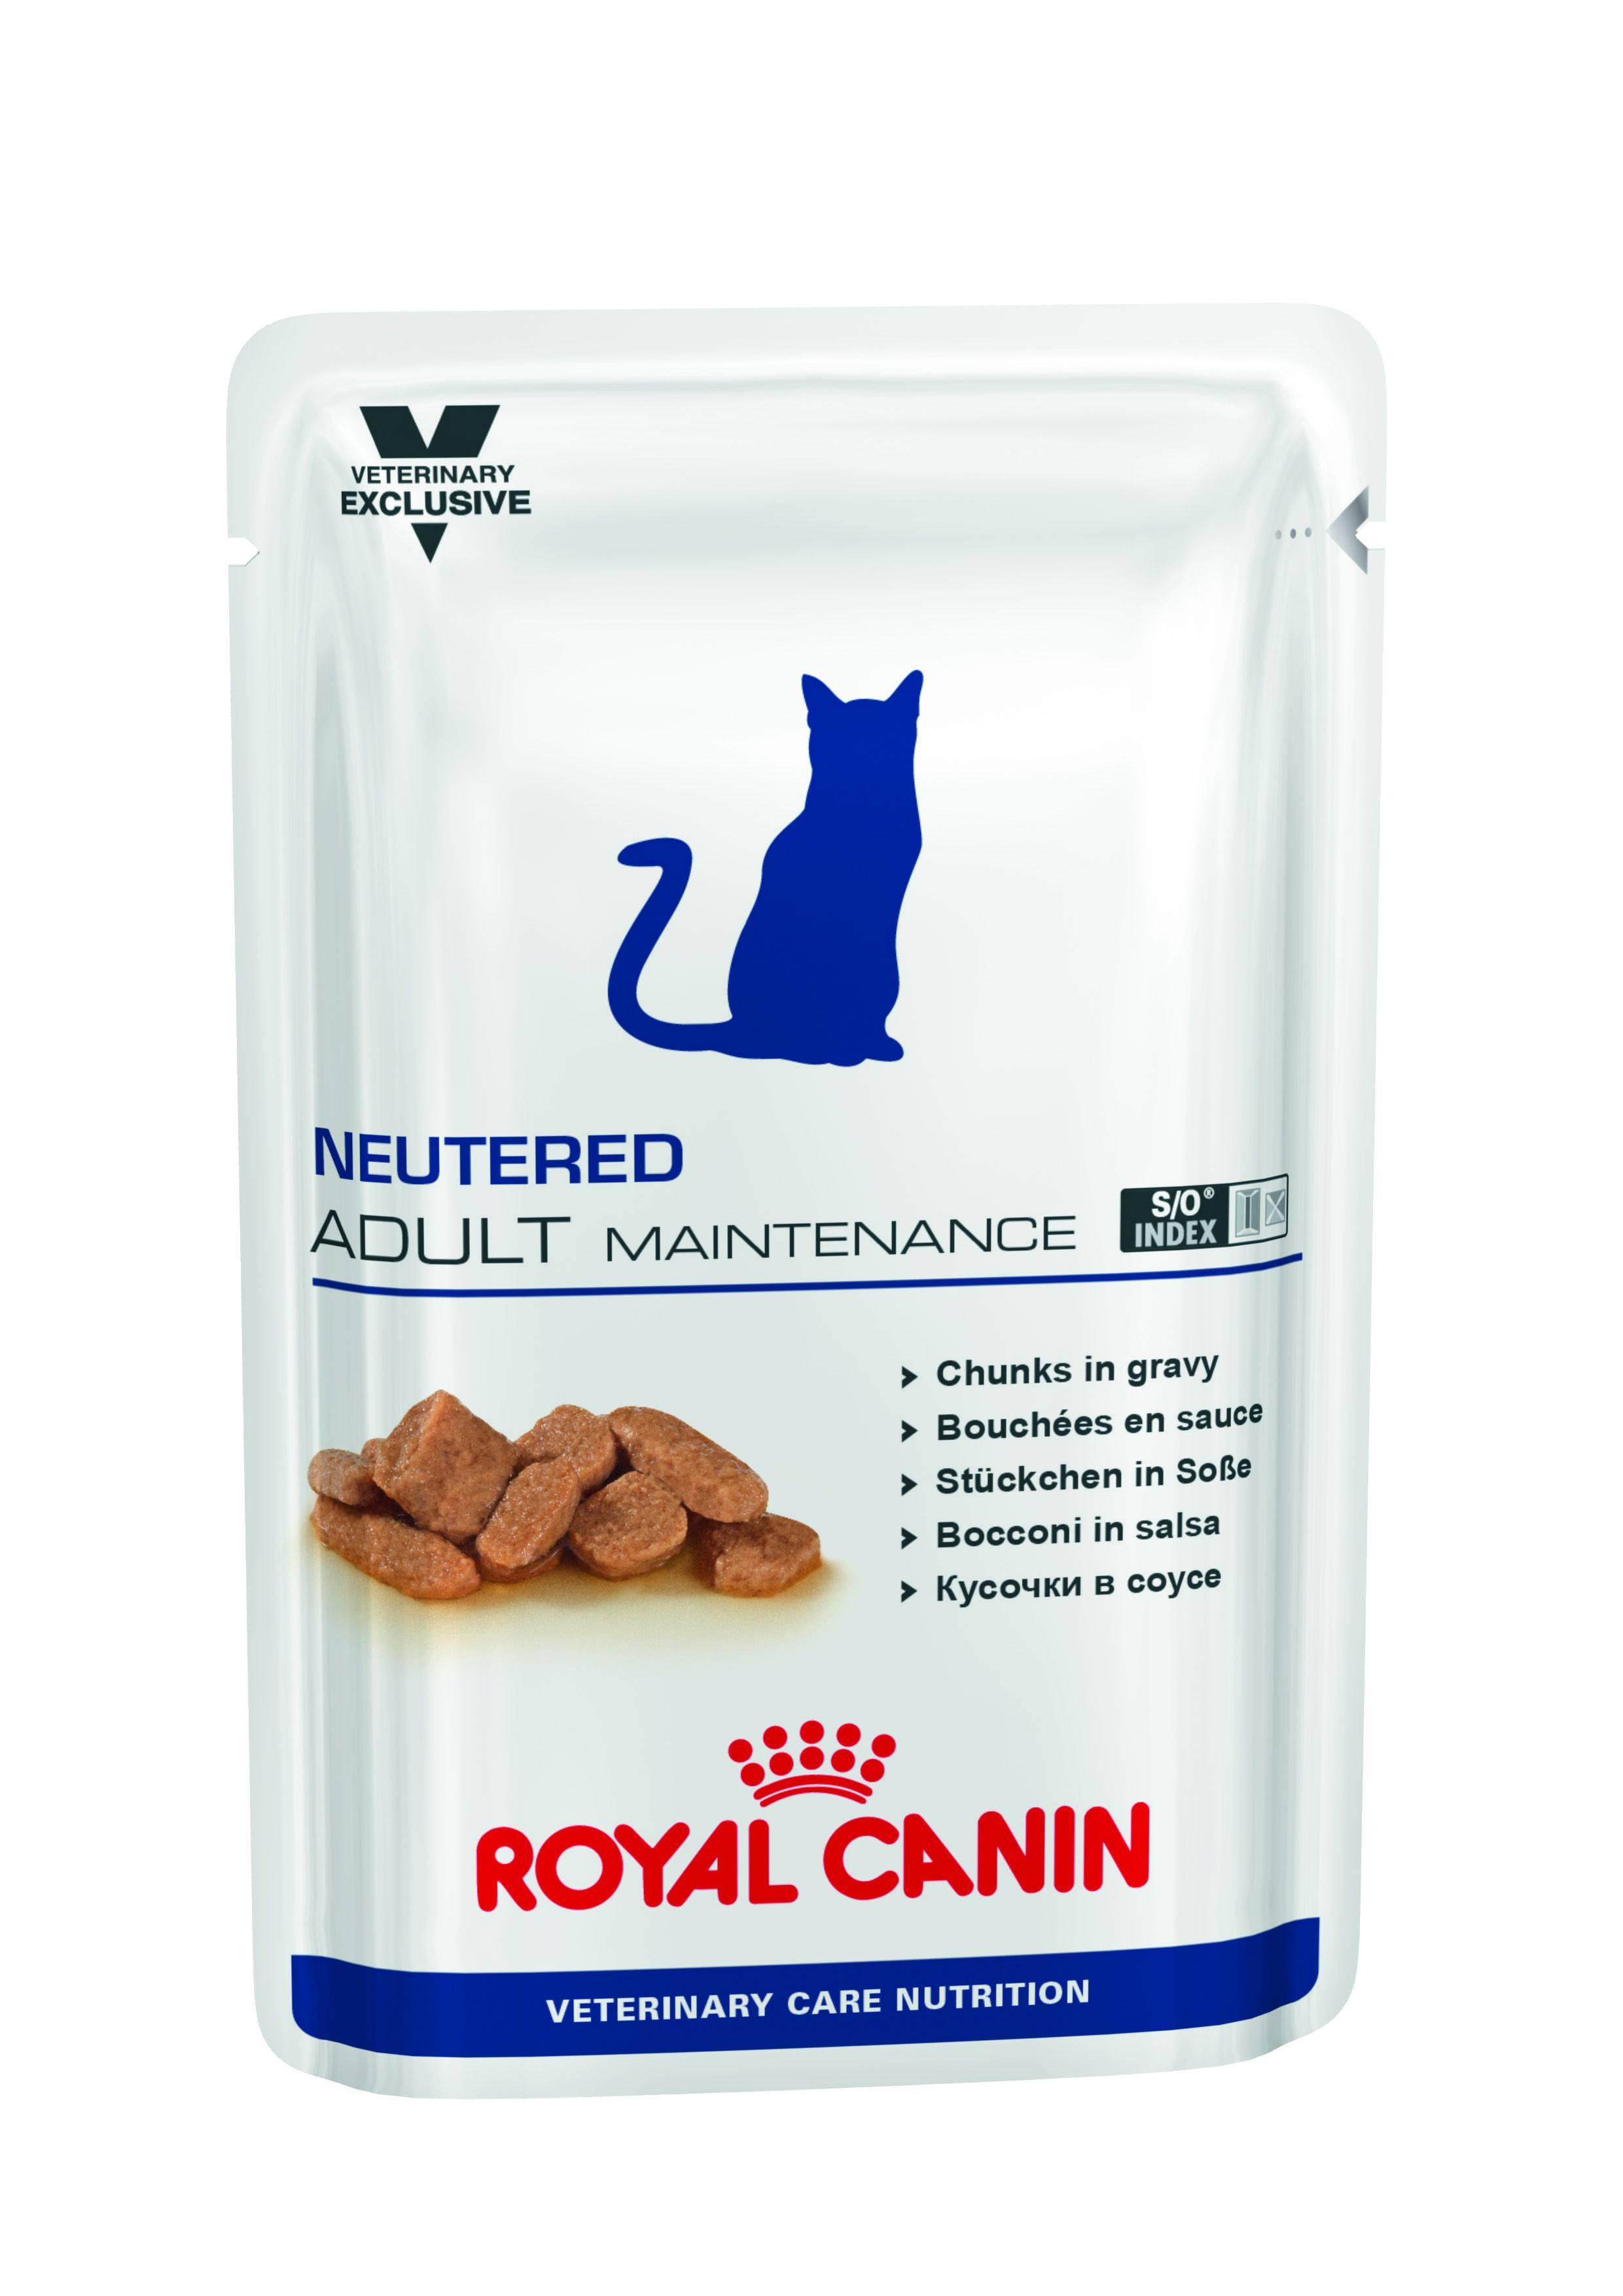 ROYAL CANIN NEUTERED ADULT MAINTENANCE – лечебный влажный корм для стерилизованных котов с момента операции до 7 лет